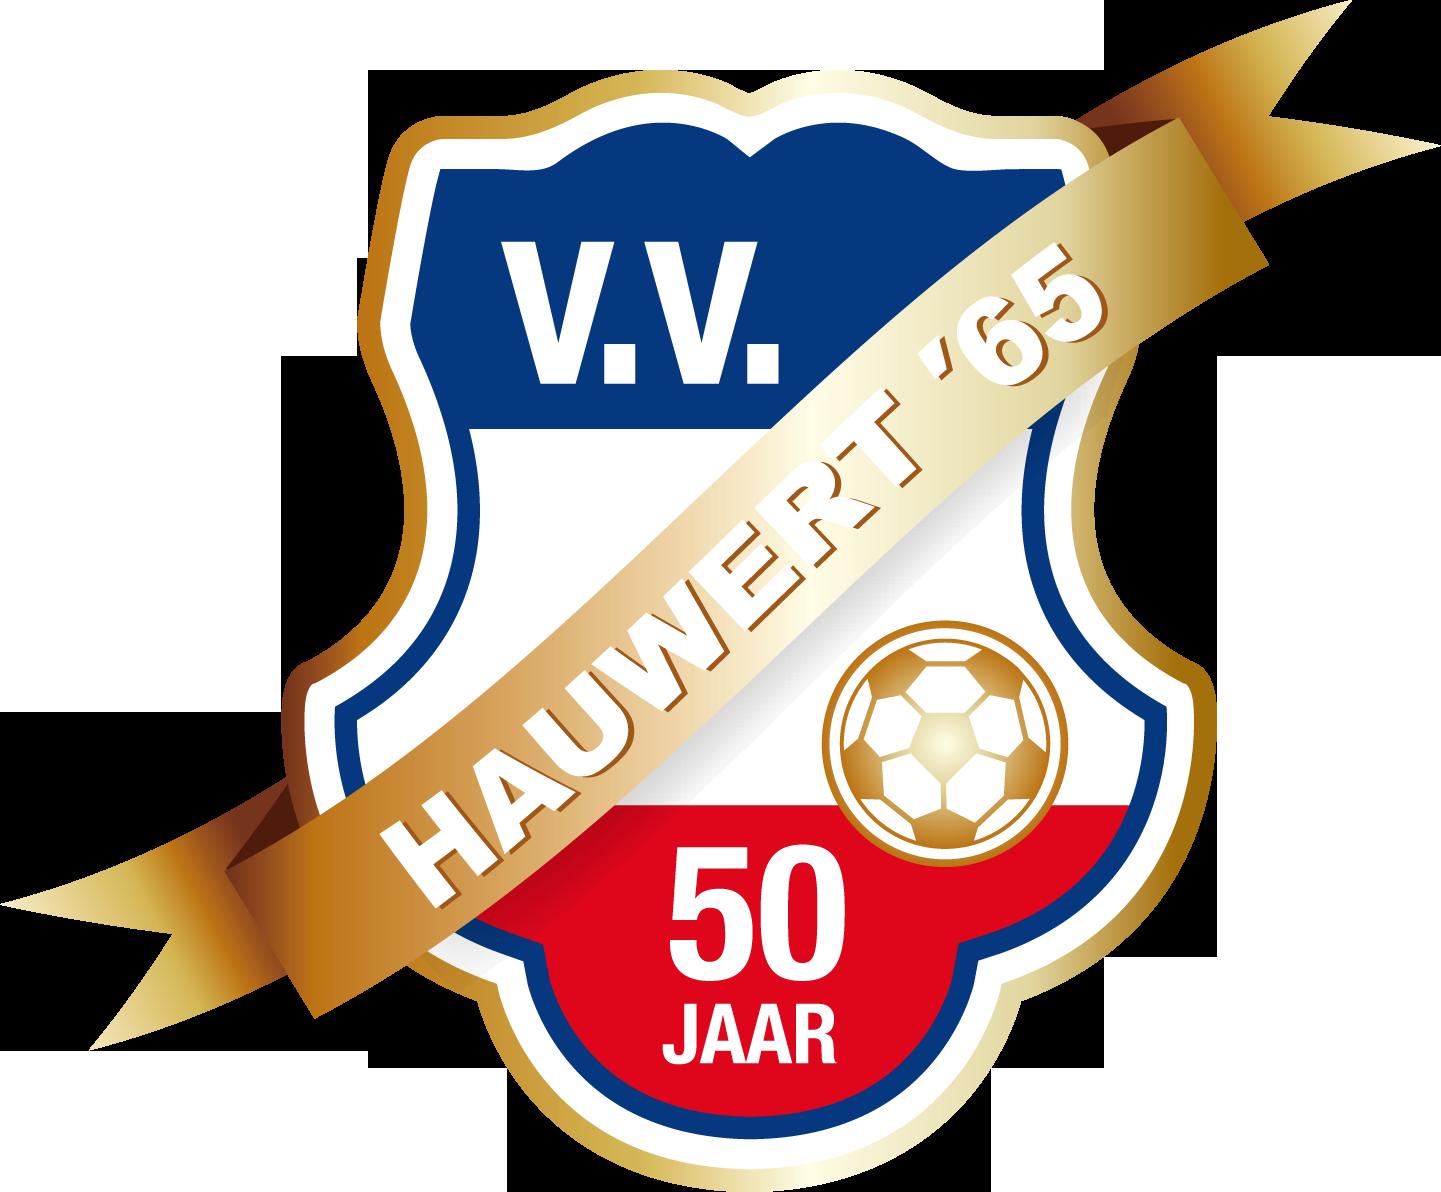 V.V. Hauwert '65